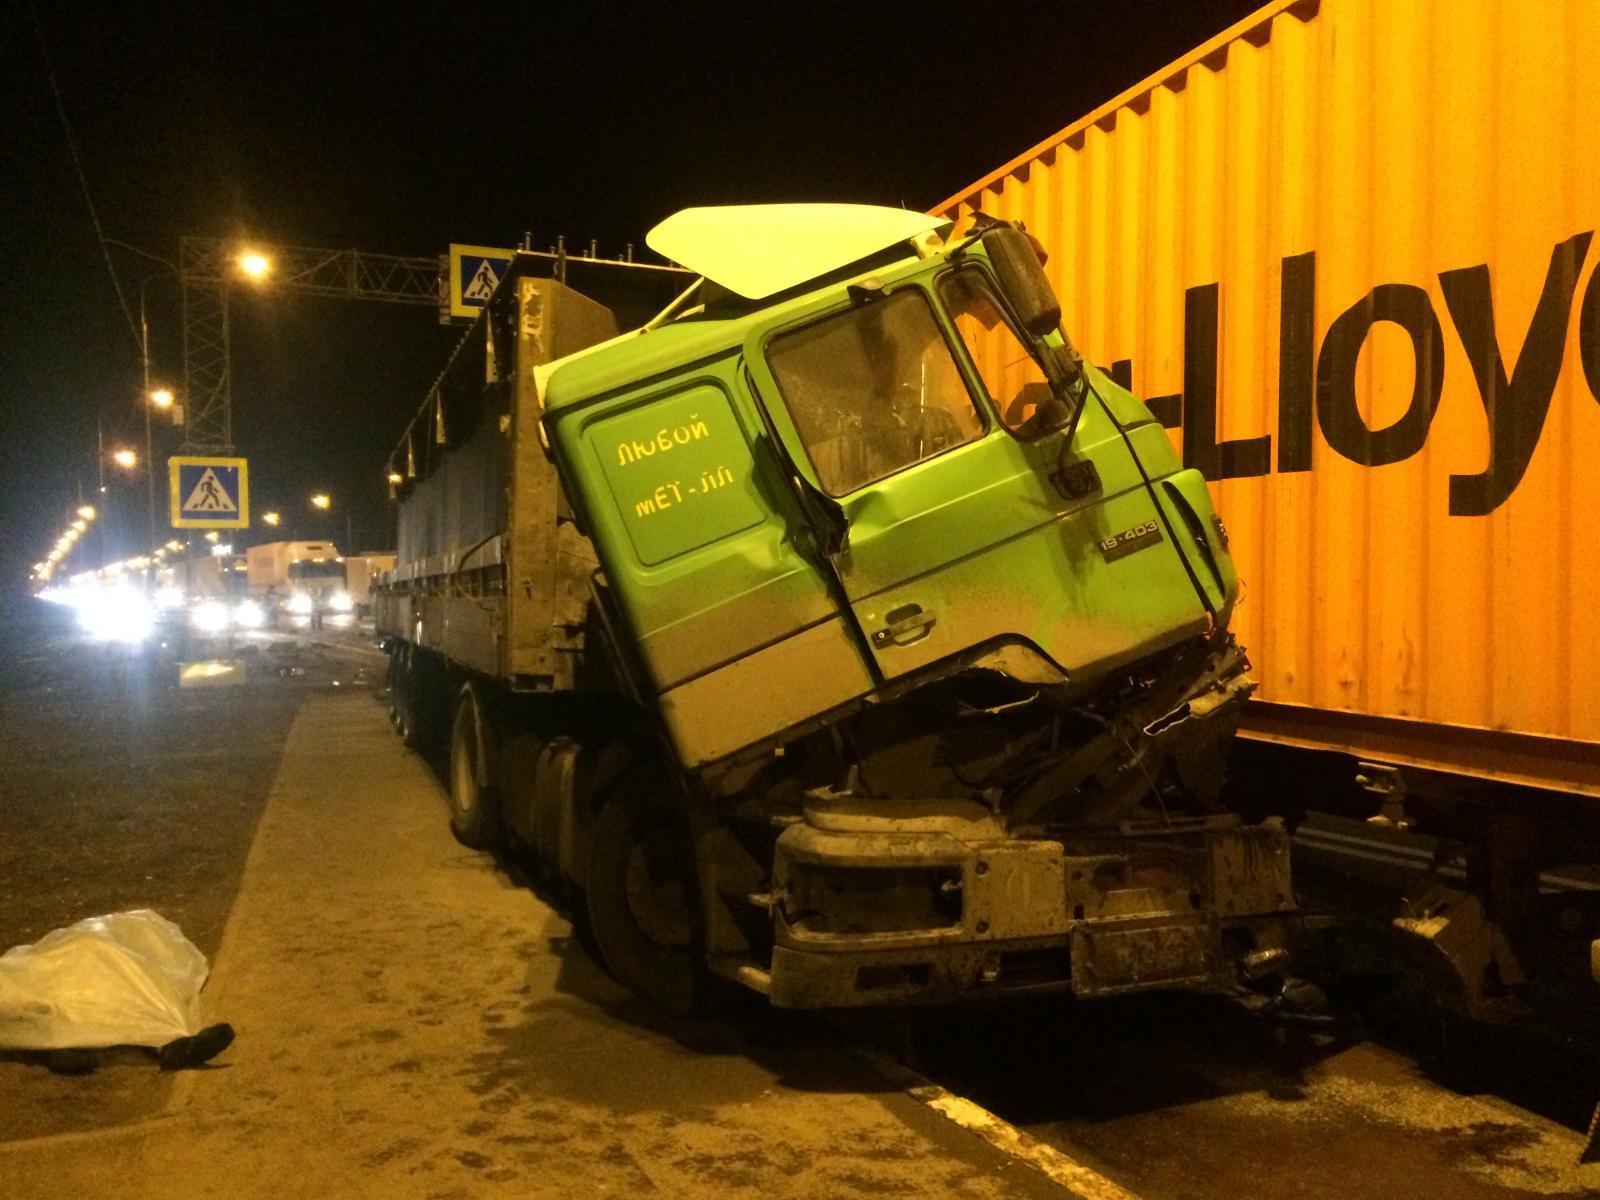 Натрассе М-10 под Тверью, пропуская пешехода, умер шофёр большегруза